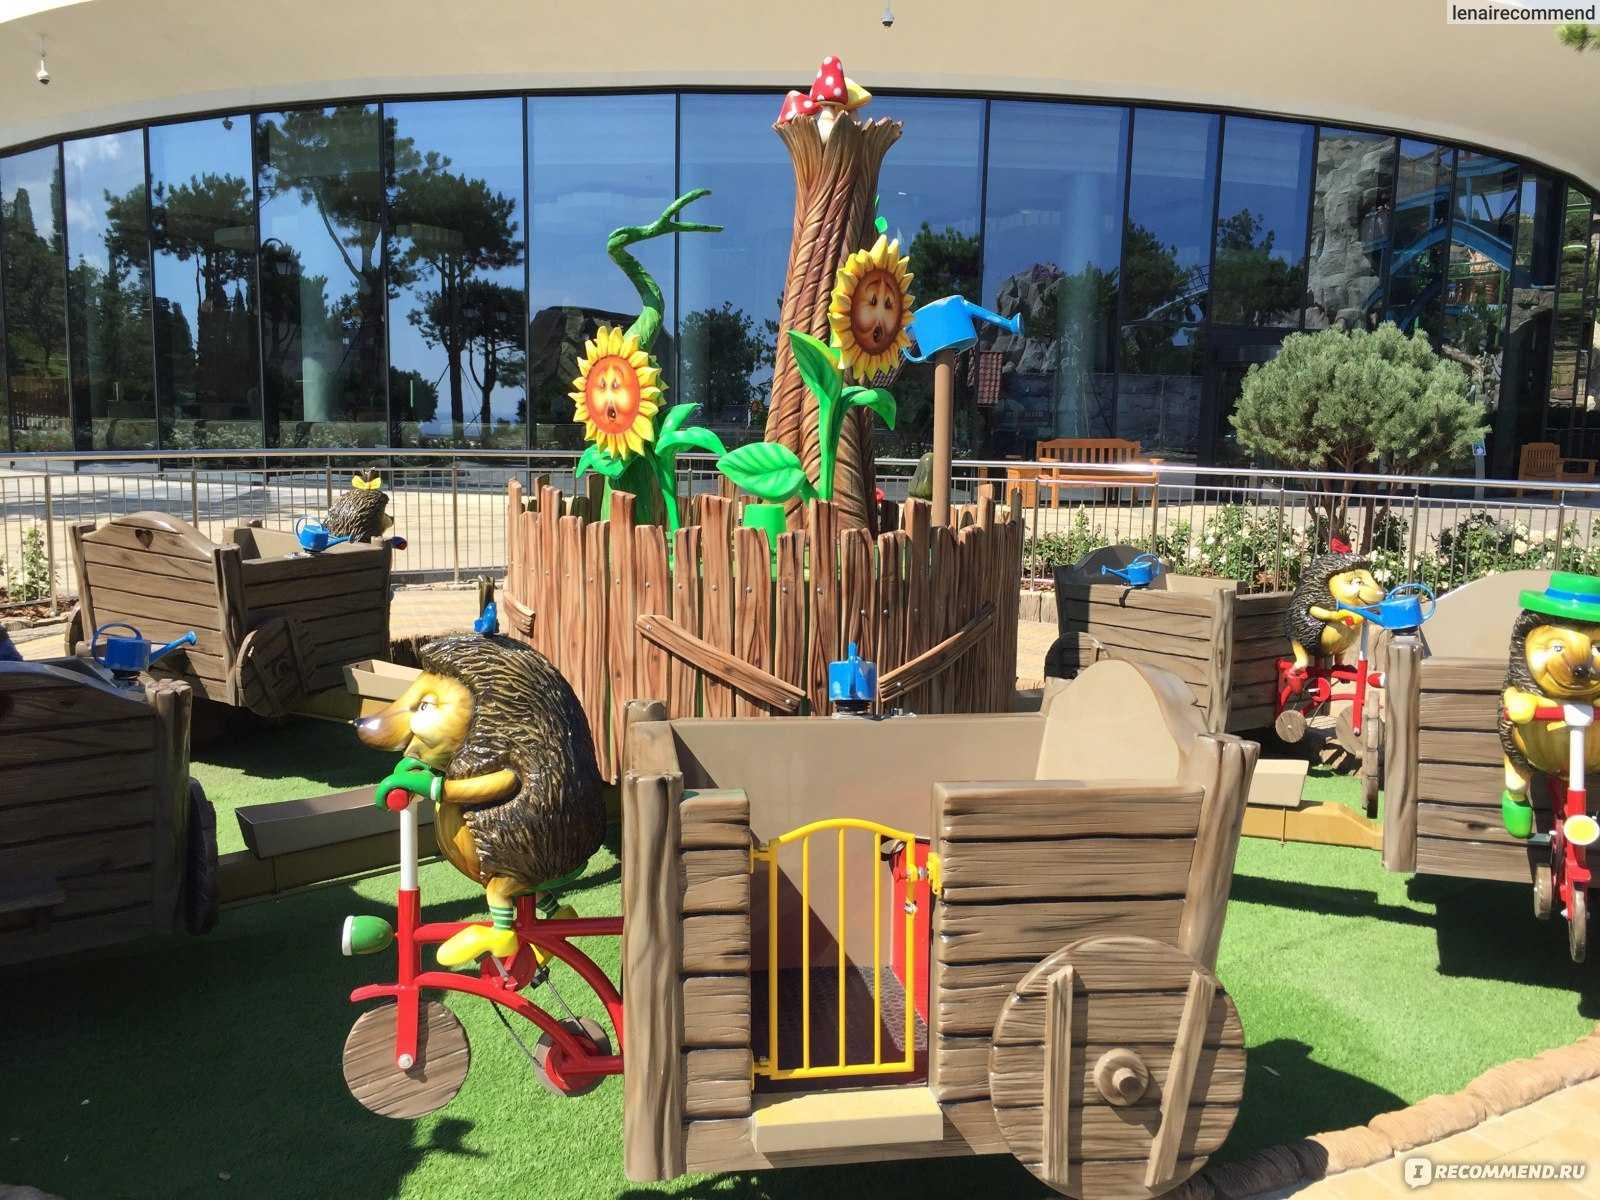 Парк аттракционов в крыму – захватывающий отдых для всей семьи